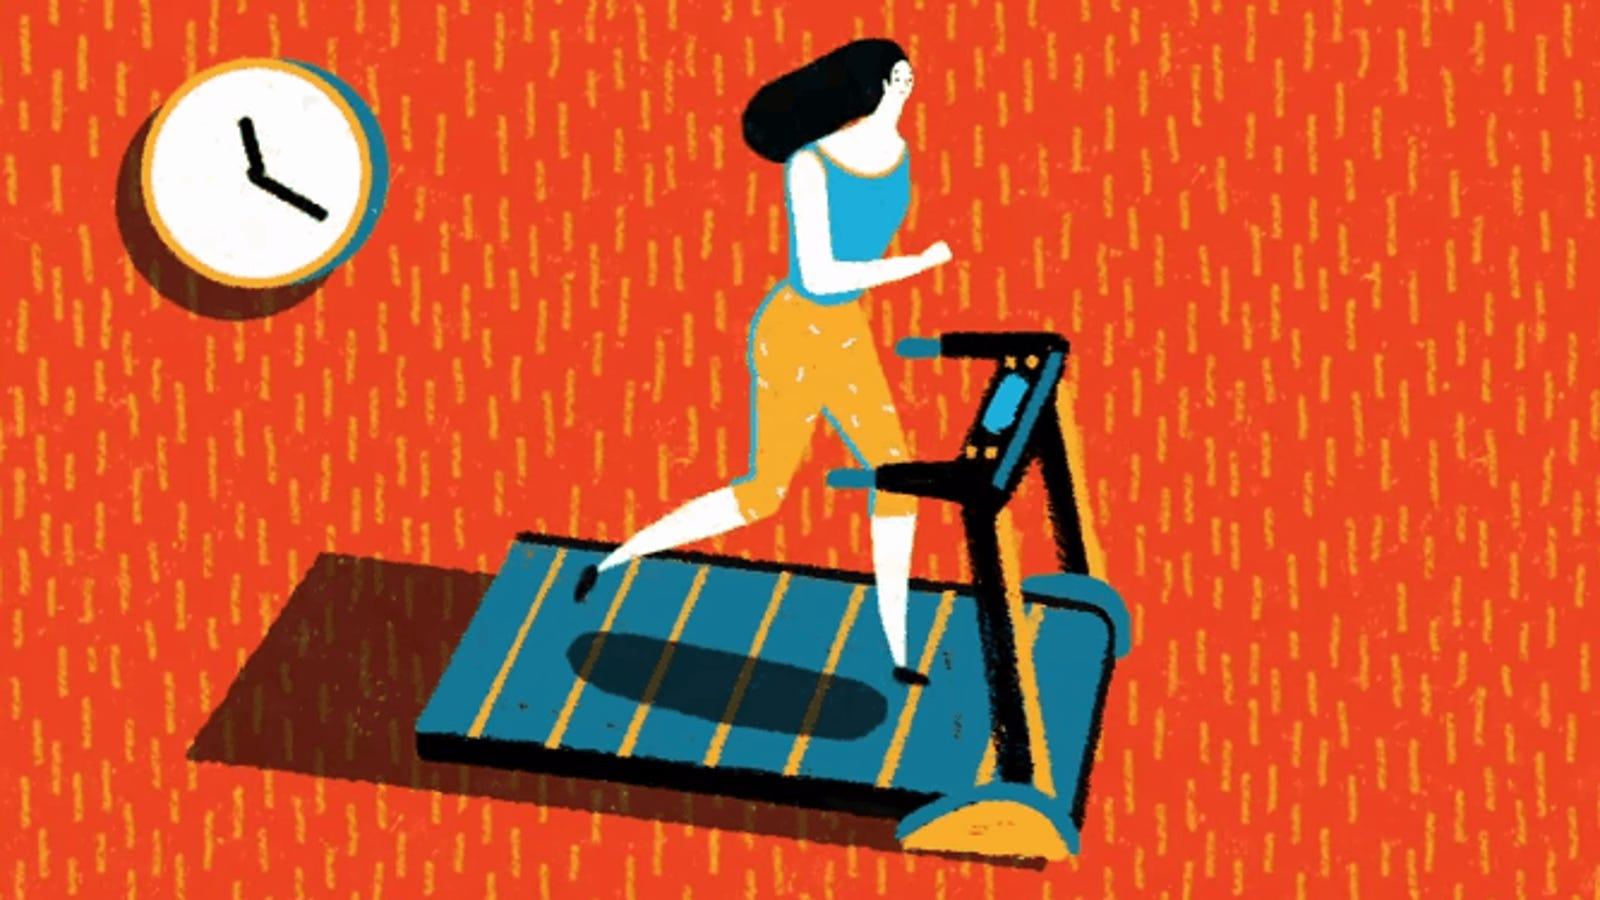 La fascinante historia de cómo la cinta de correr originalmente era un dispositivo de tortura